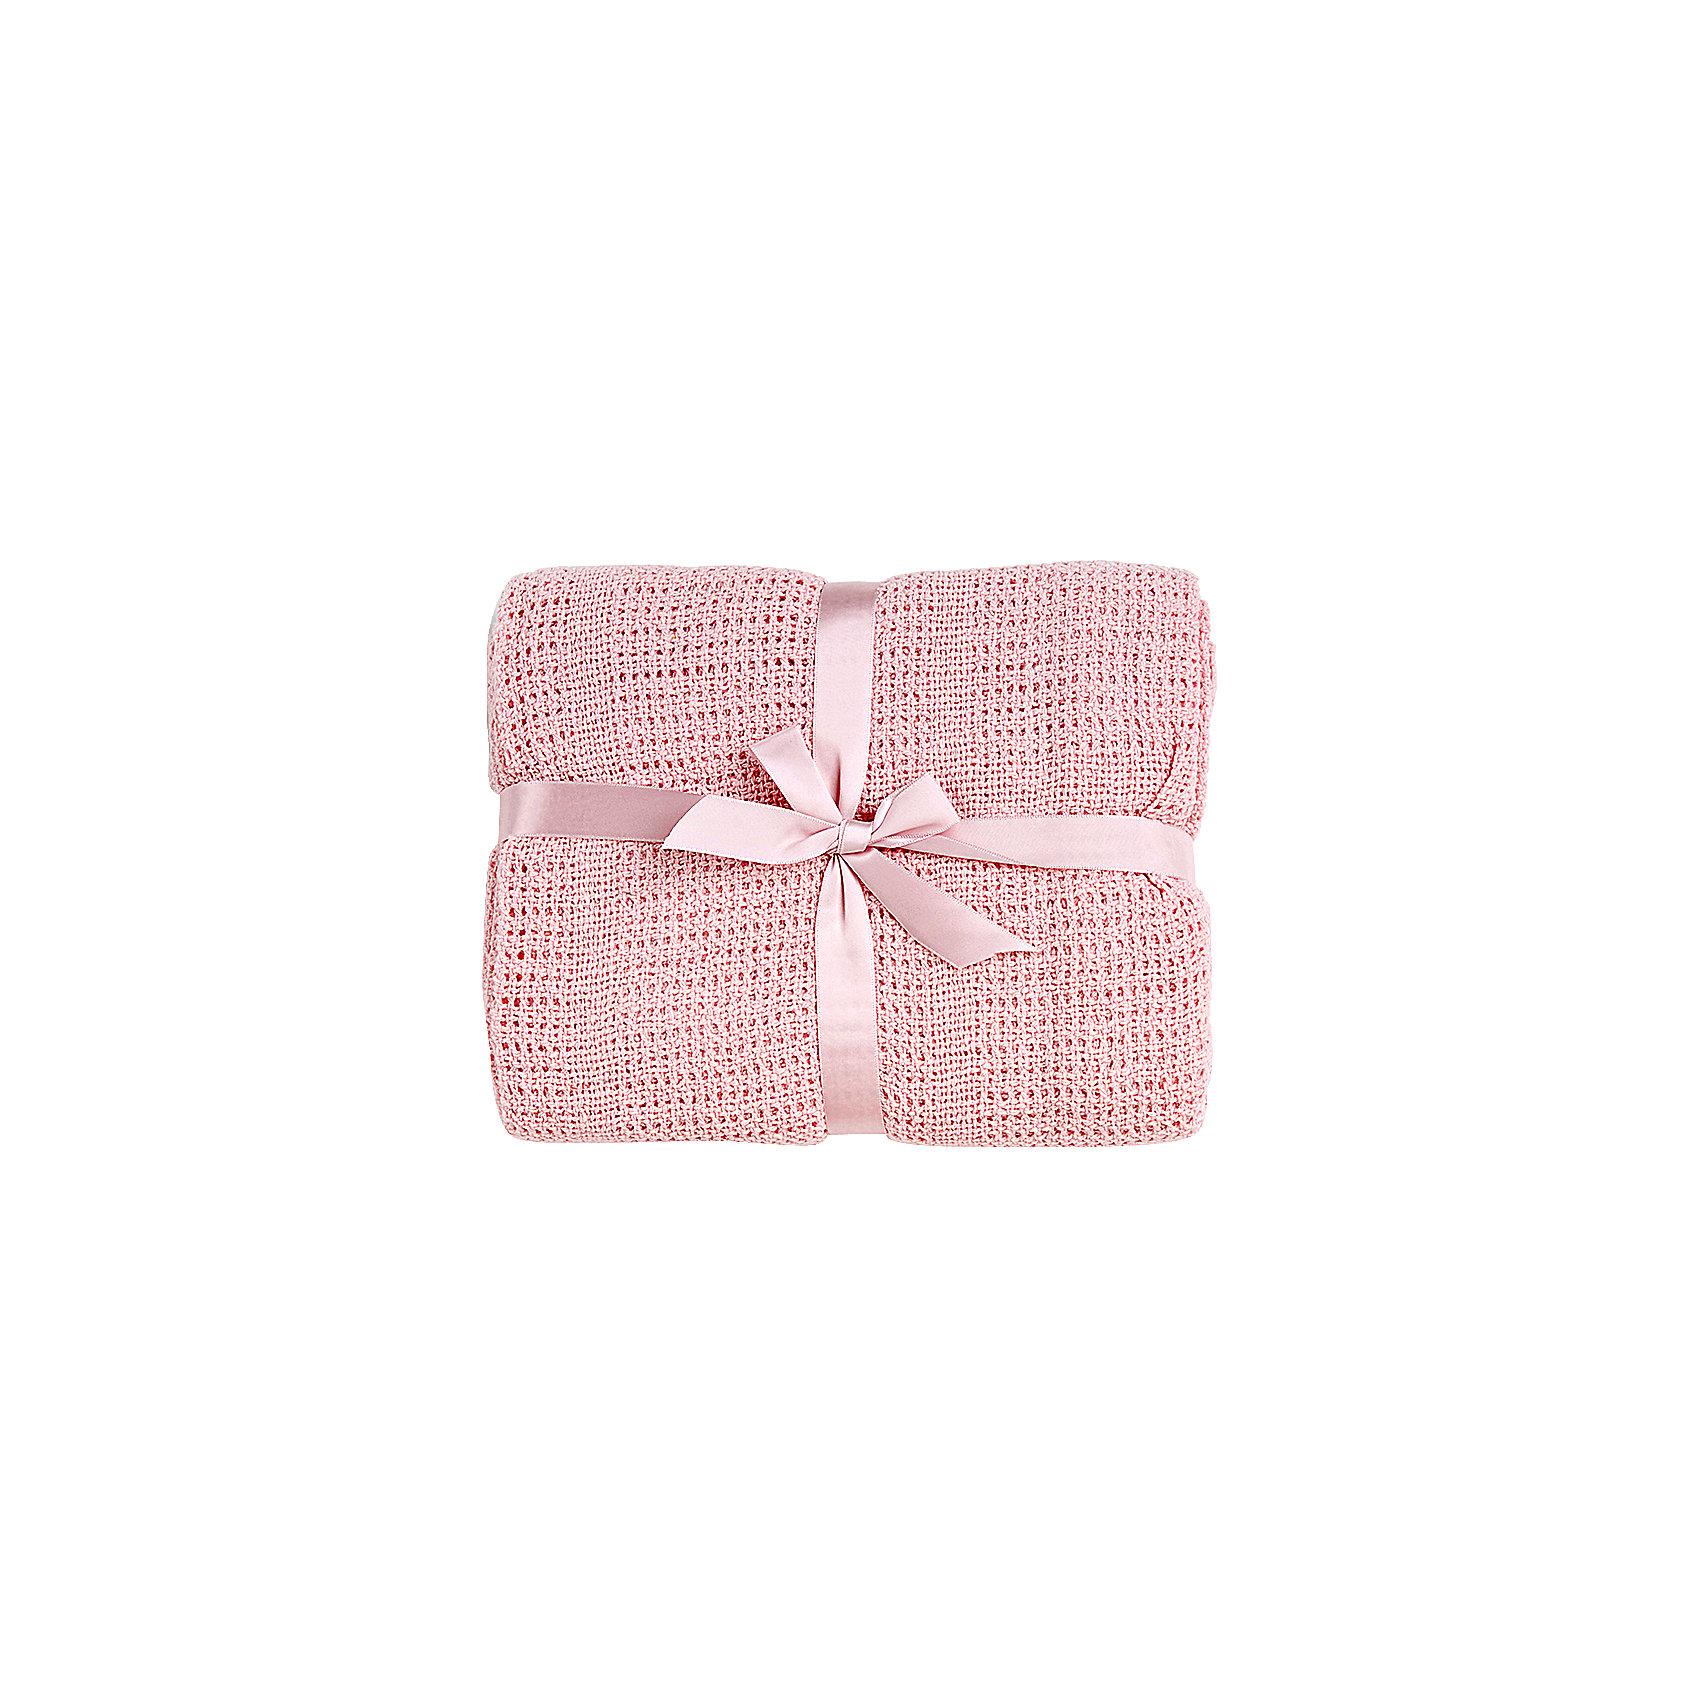 Одеяло детское вязанное 100х140 Baby Nice, розовыйОдеяла, пледы<br>Мягкое вязаное одеяло можно использовать дома или же на улице. Изготовлено из натурального хлопка, прекрасно пропускает воздух и сохраняет тепло, гипоаллергенно. Одеяло имеет нежную расцветку и очень приятно наощупь - идеальный вариант для малышей с самого рождения! <br><br>Дополнительная информация:<br><br>- Материал: хлопок 100%.<br>- Размер: 100х140 см.<br>- Цвет: розовый.<br><br>Одеяло детское вязаное 100х140 Baby Nice (Беби Найс), розовое, можно купить в нашем магазине.<br><br>Ширина мм: 20<br>Глубина мм: 5<br>Высота мм: 20<br>Вес г: 400<br>Возраст от месяцев: 0<br>Возраст до месяцев: 60<br>Пол: Женский<br>Возраст: Детский<br>SKU: 4058279